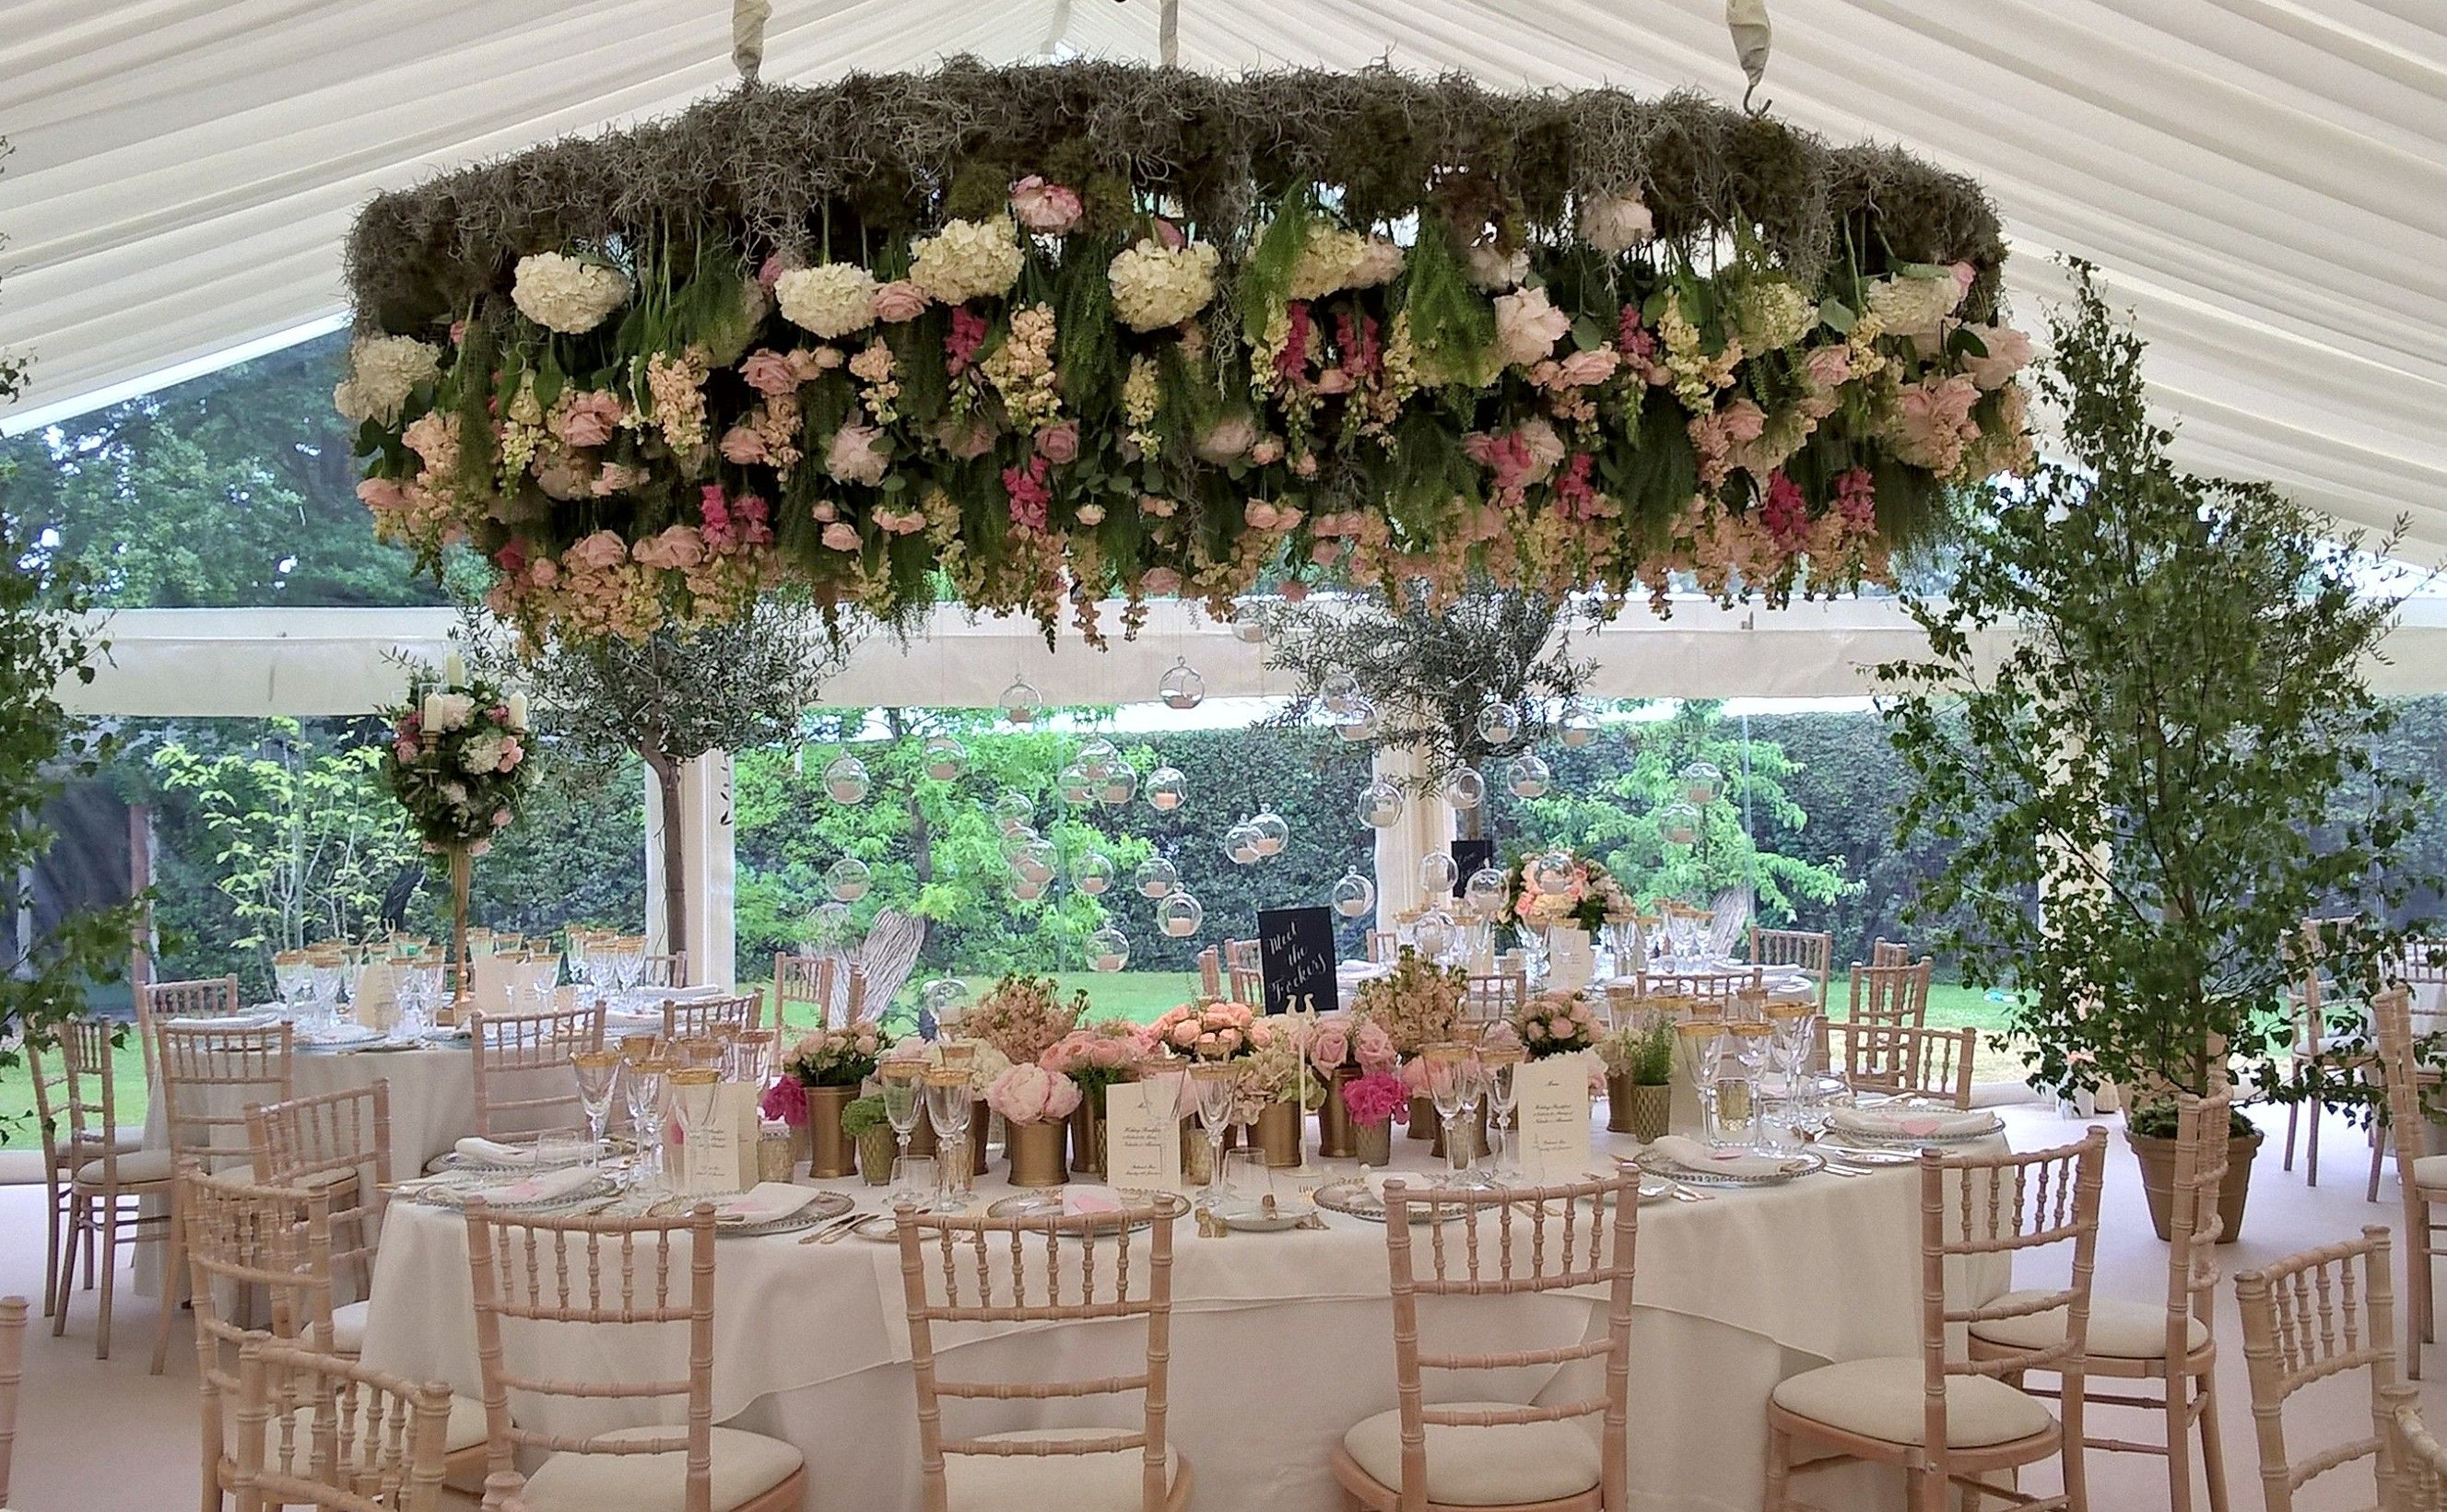 Suspended florals for weddings suspended floral arrangements - Suspended Floral Decor